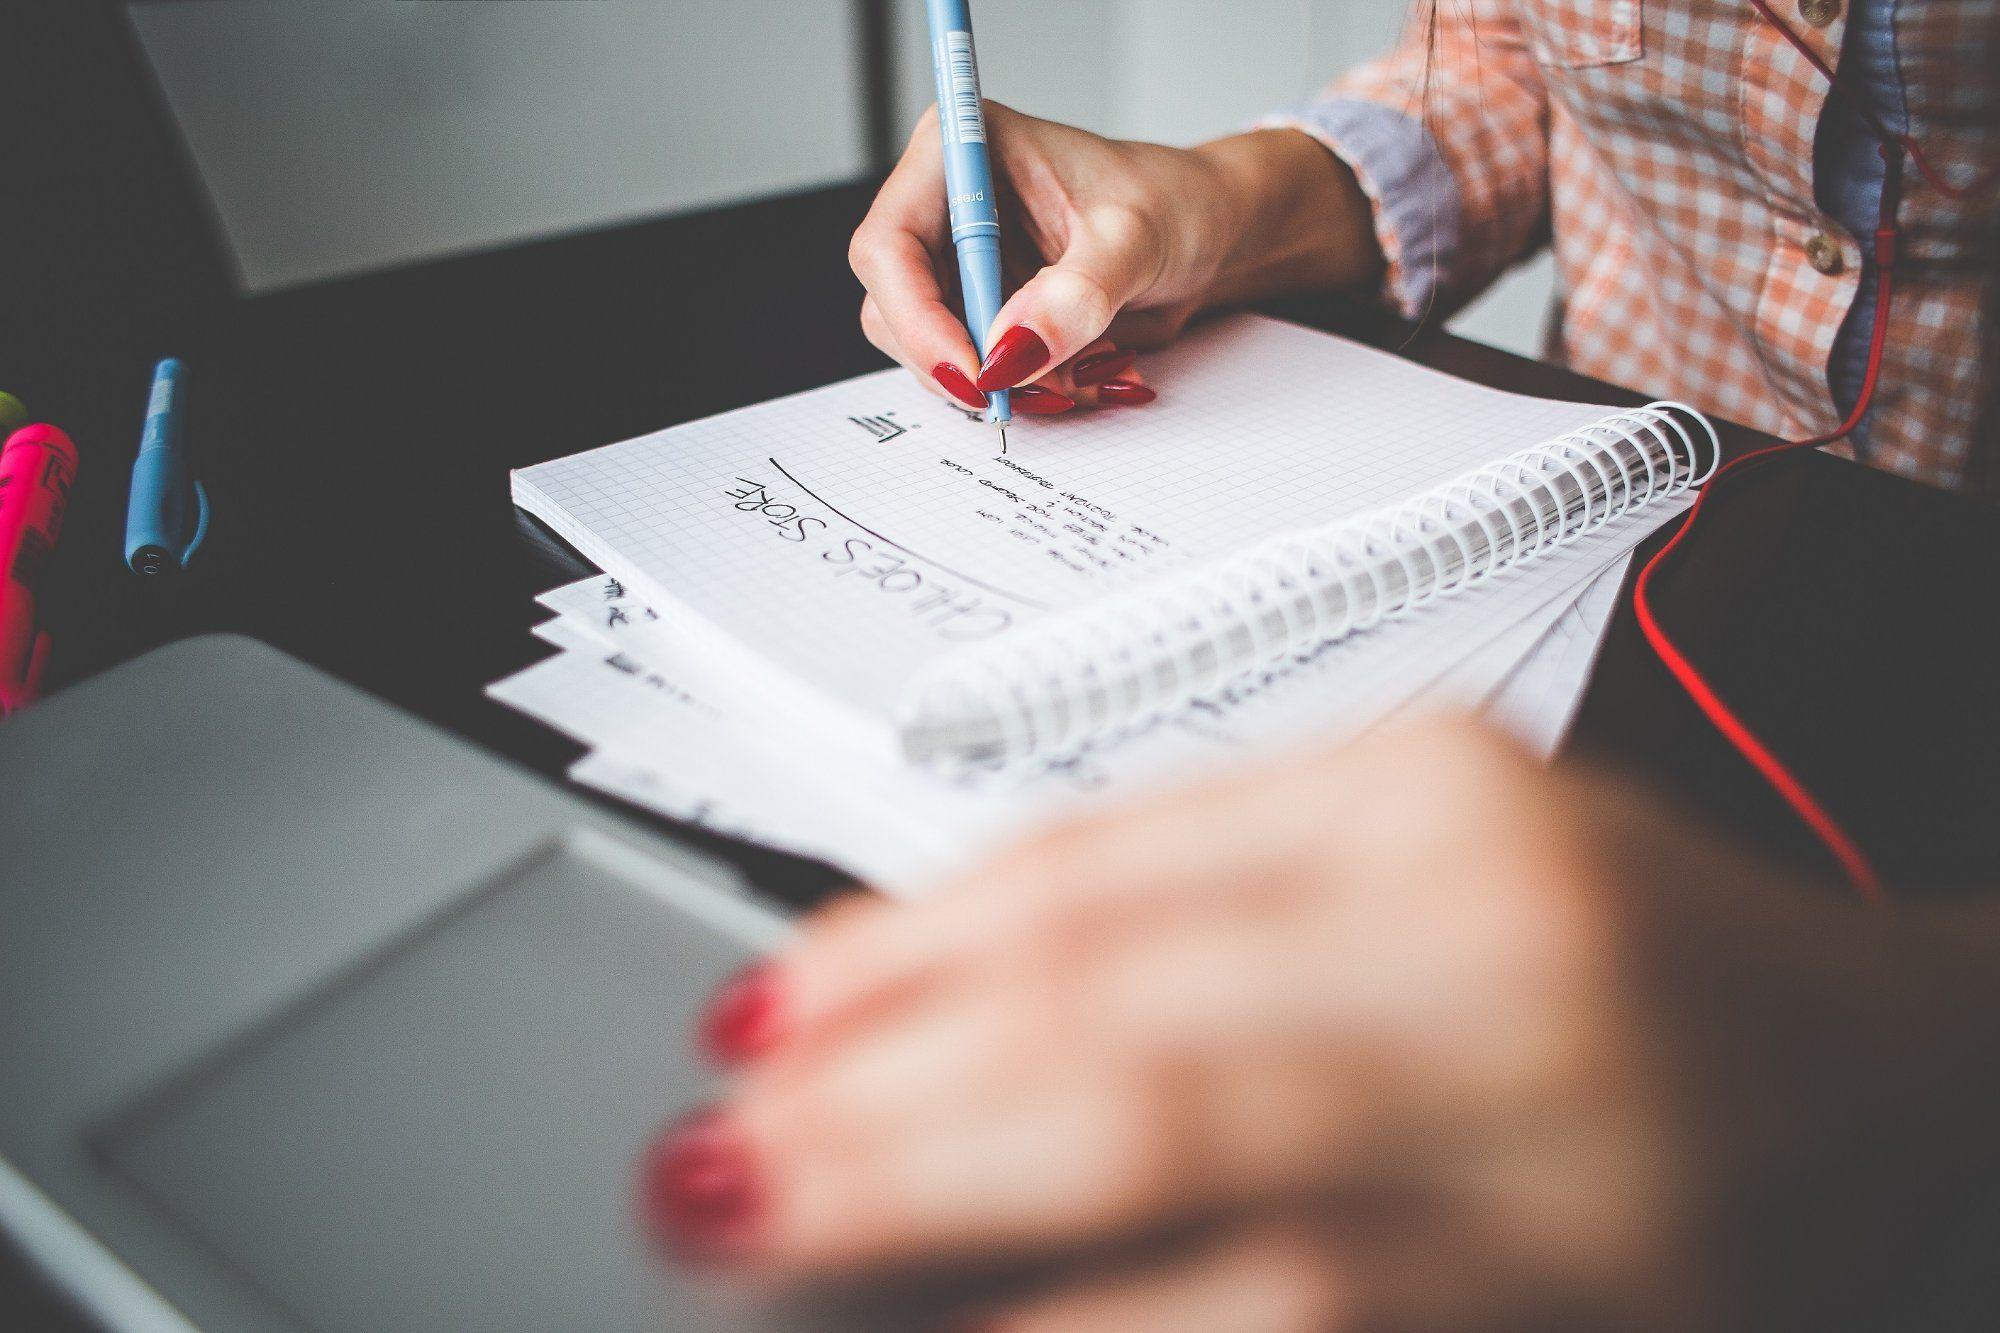 Qual a melhor ferramenta para organizar as tarefas diárias? | Ligia Braga | Pulse | LinkedIn